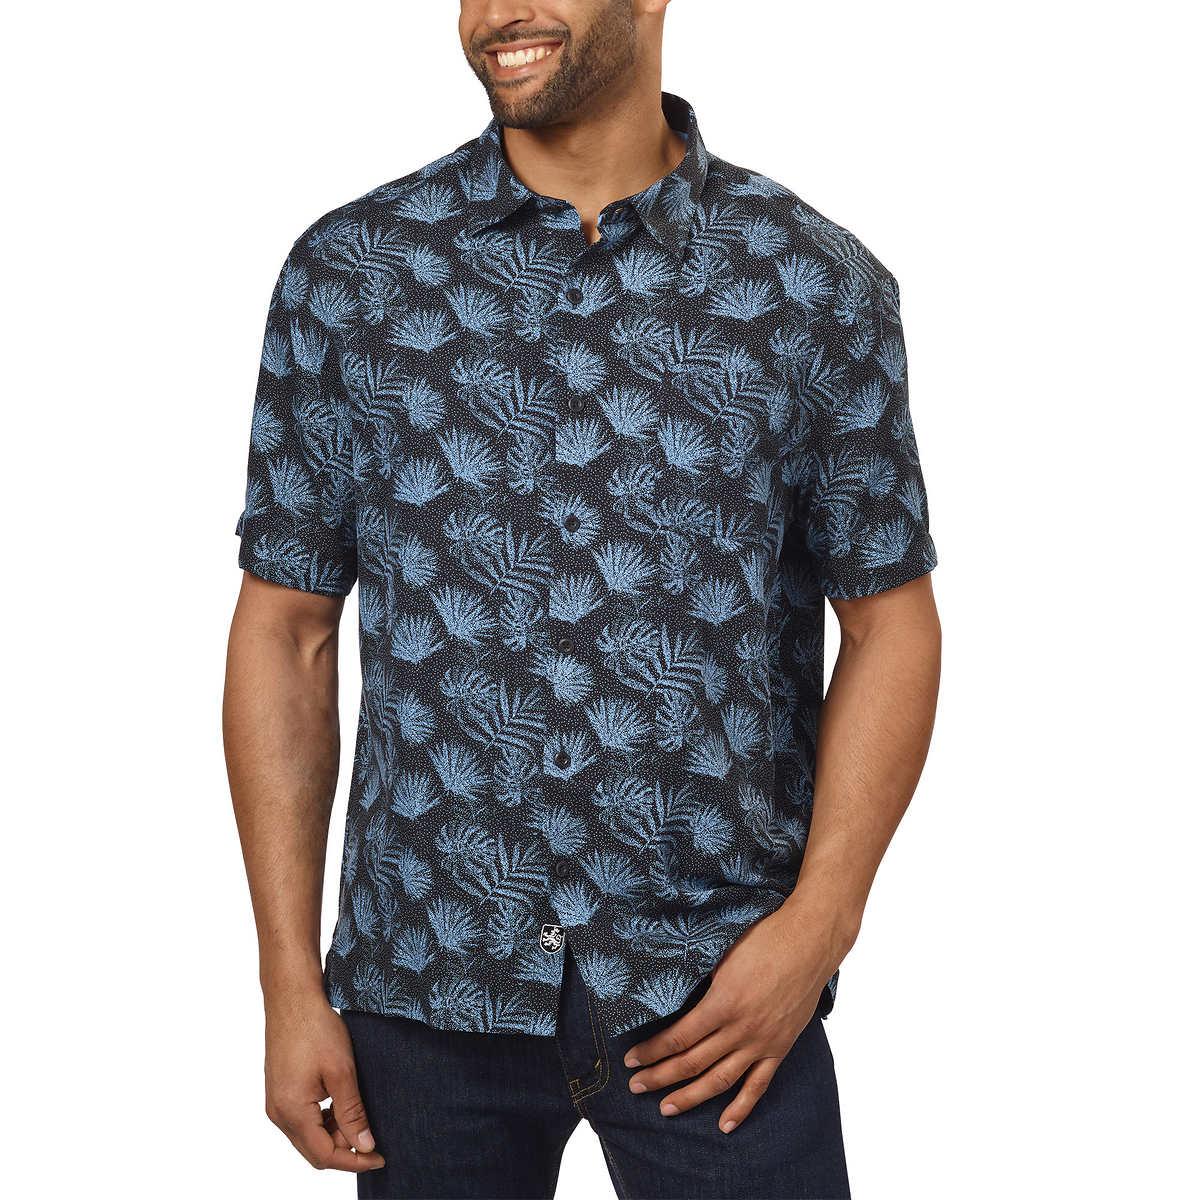 3a017157714 Nat Nast Men's Silk/Cotton Blend Shirt, Printed